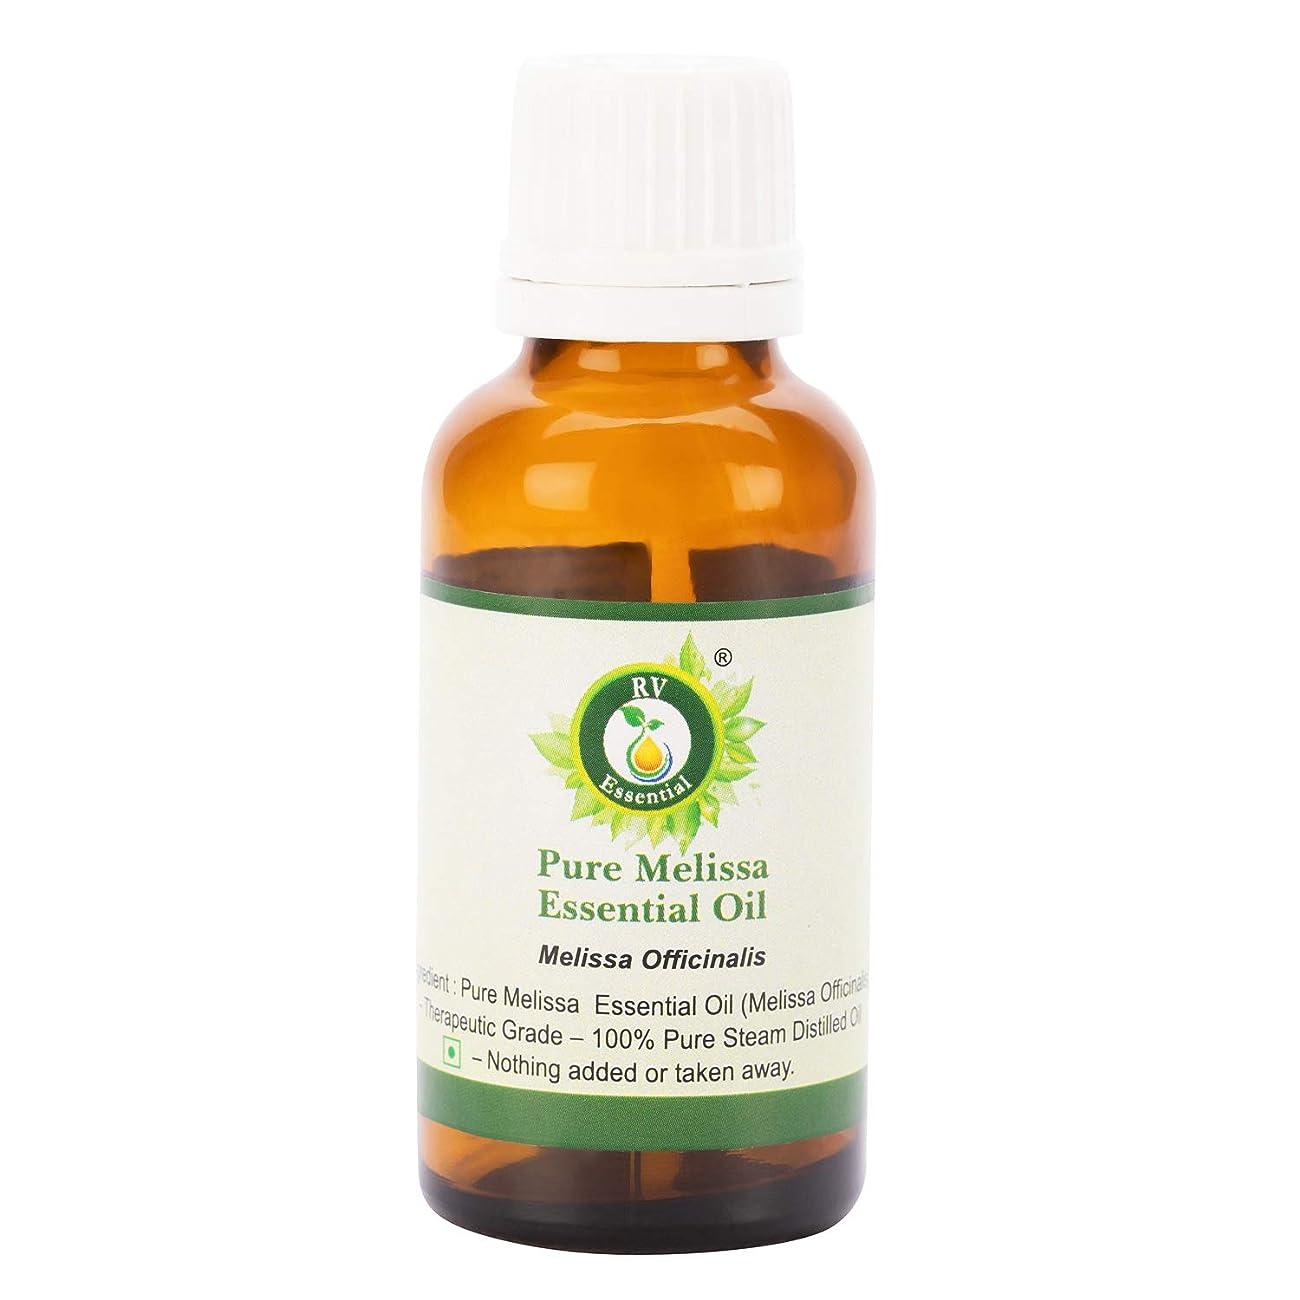 素朴な魅力飲食店ピュアエッセンシャルオイルメリッサ630ml (21oz)- Melissa Officinalis (100%純粋&天然スチームDistilled) Pure Melissa Essential Oil